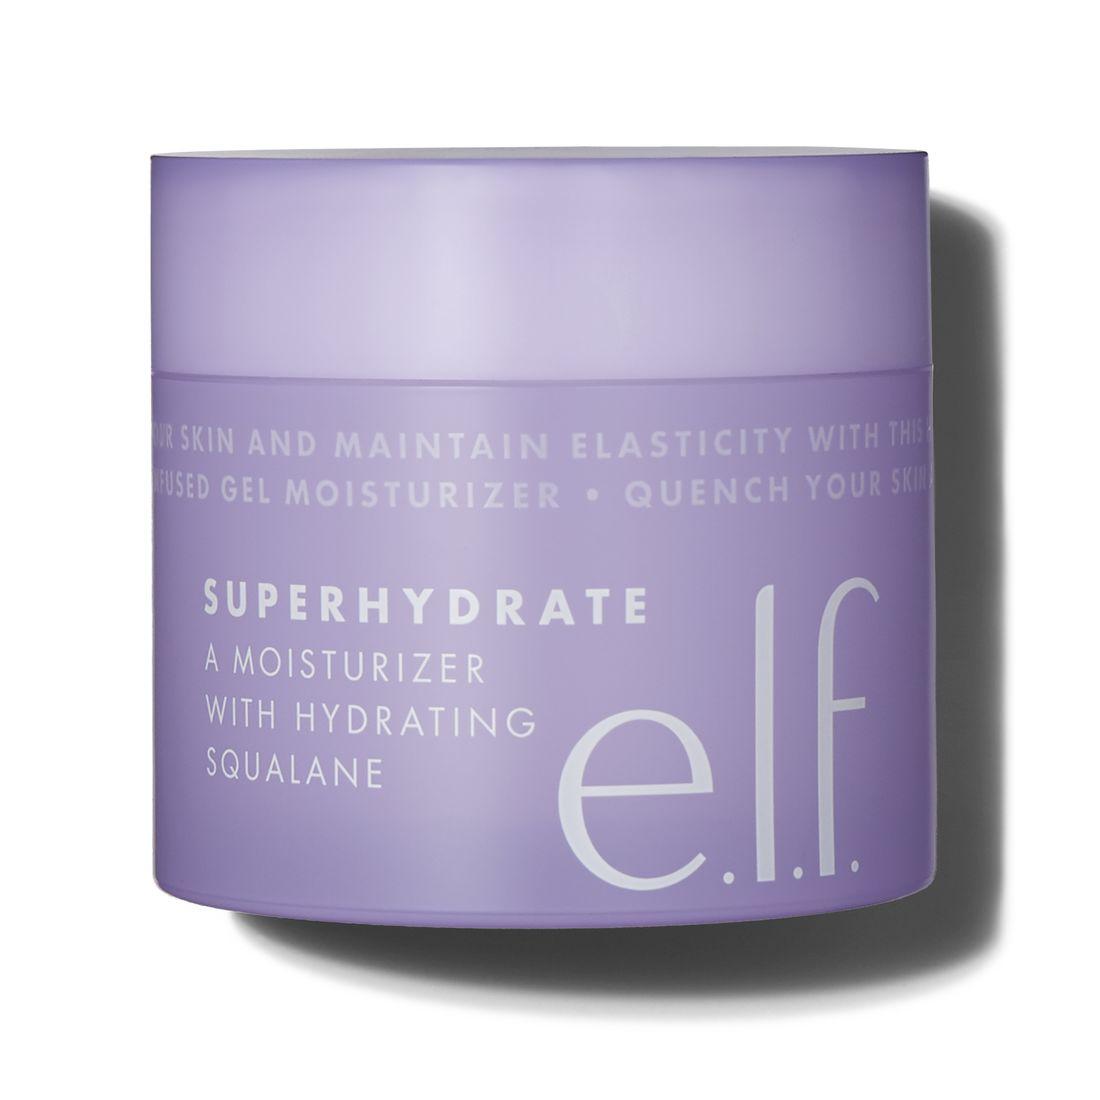 e.l.f. Superhydrate